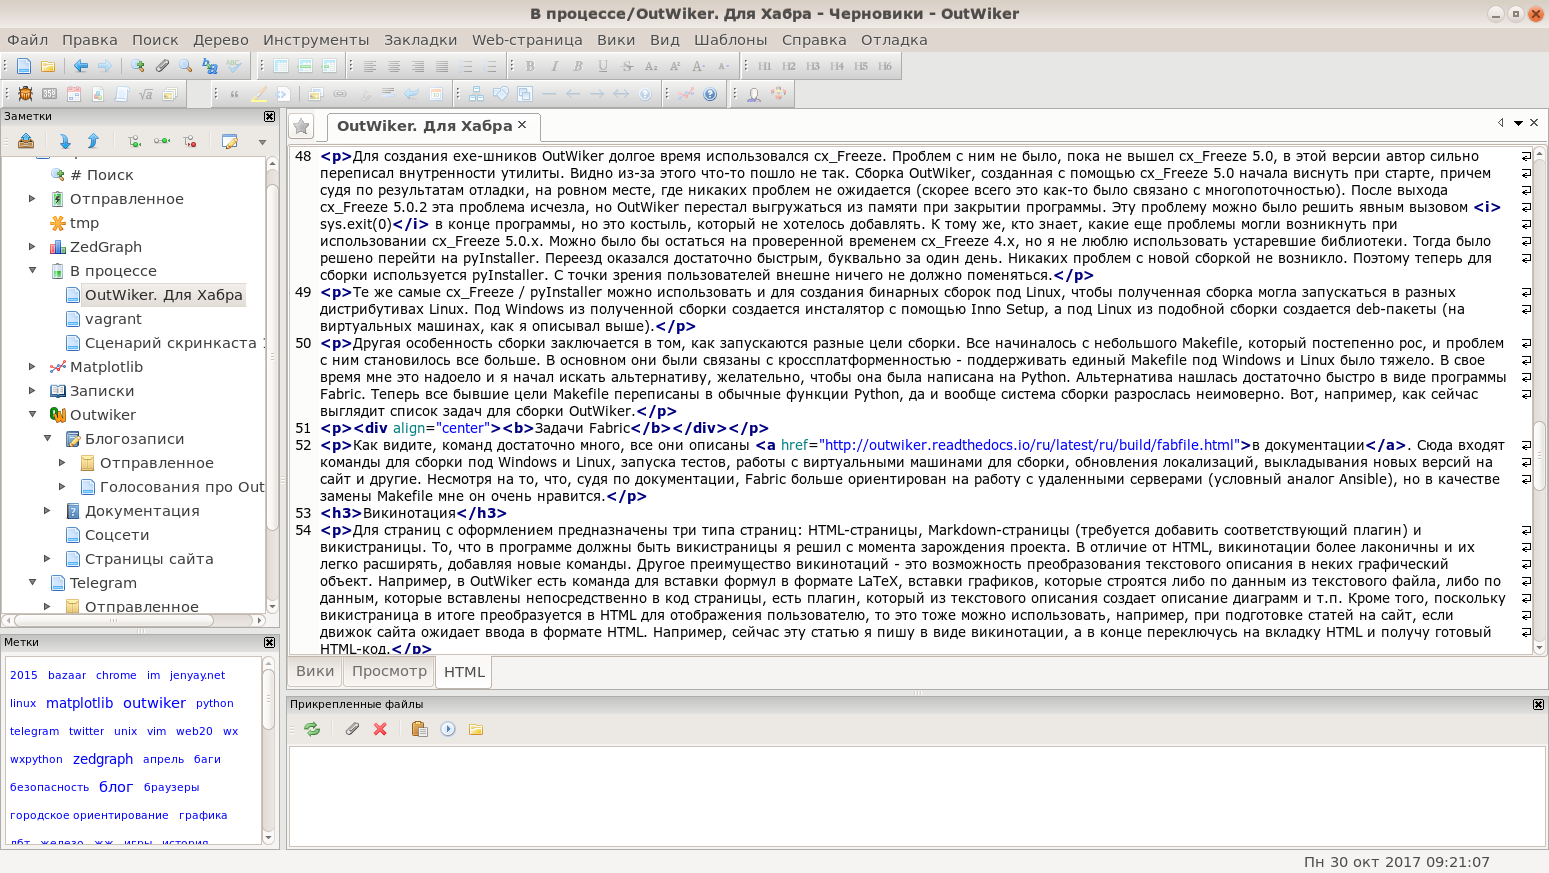 О разработке одного desktop-приложения на Python - 6